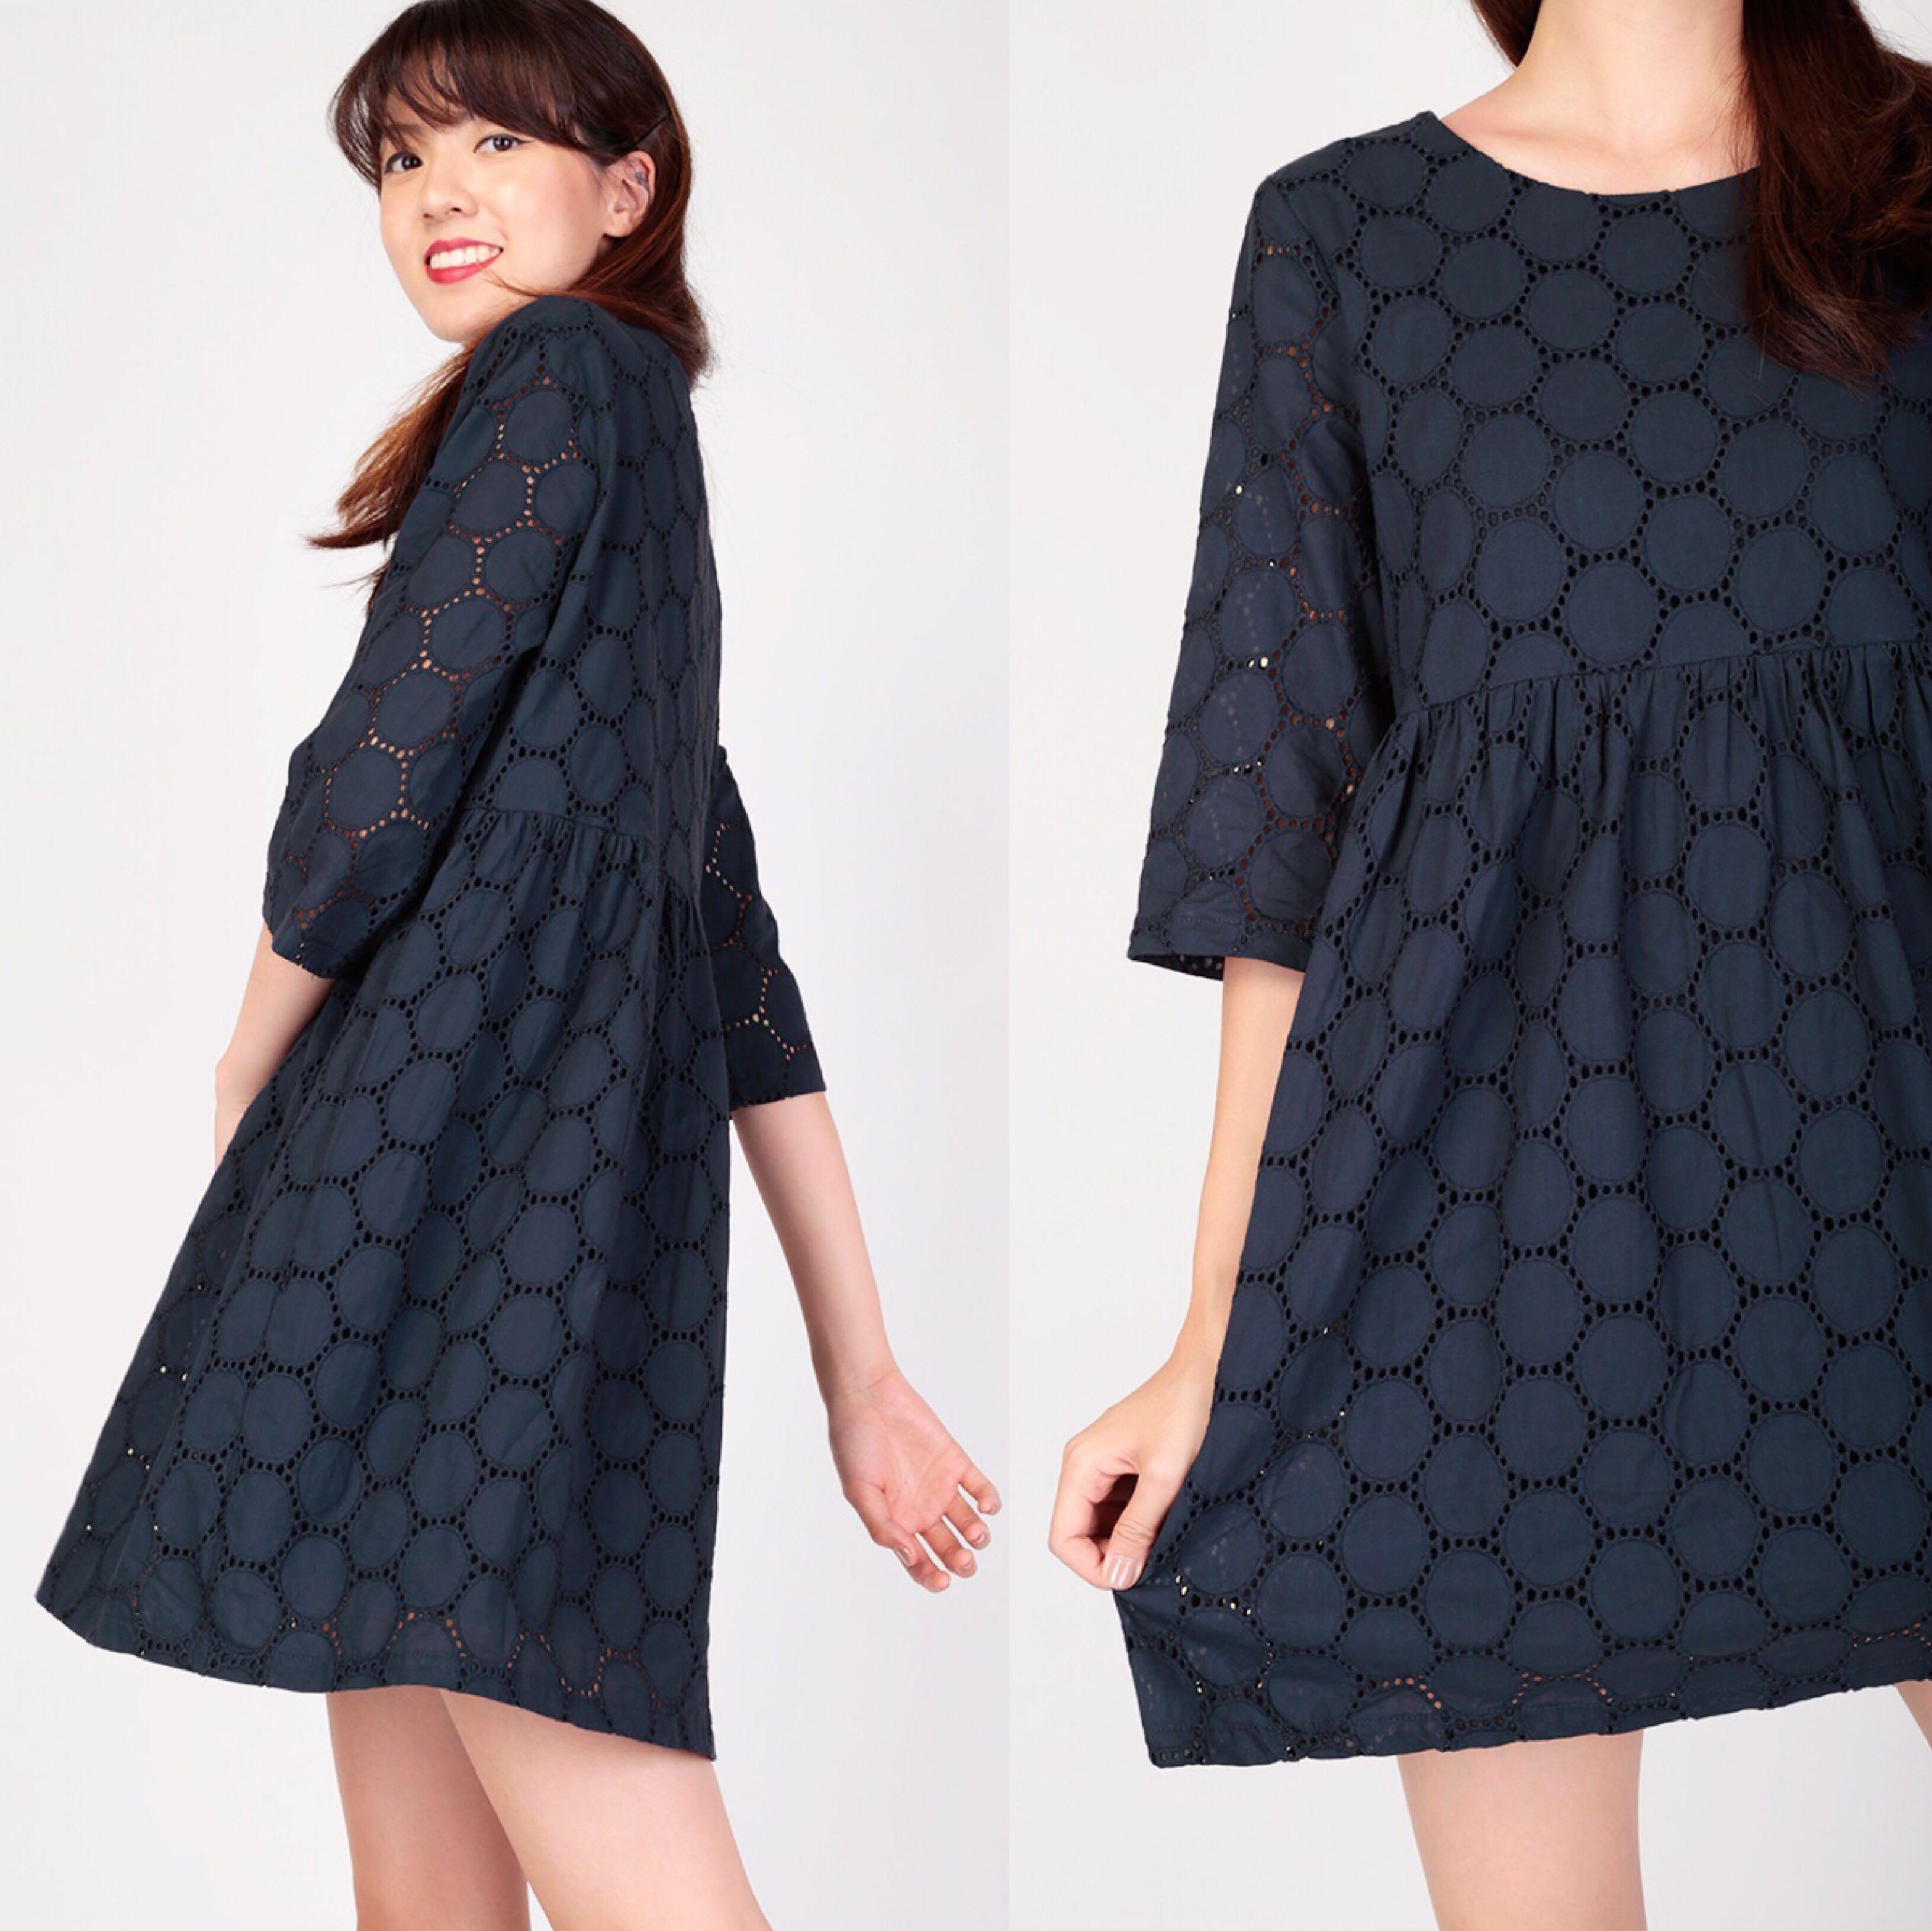 2411ae7c445a40 Aforarcade AFA I Spy Eyelet Dress in Navy, Women's Fashion, Clothes ...